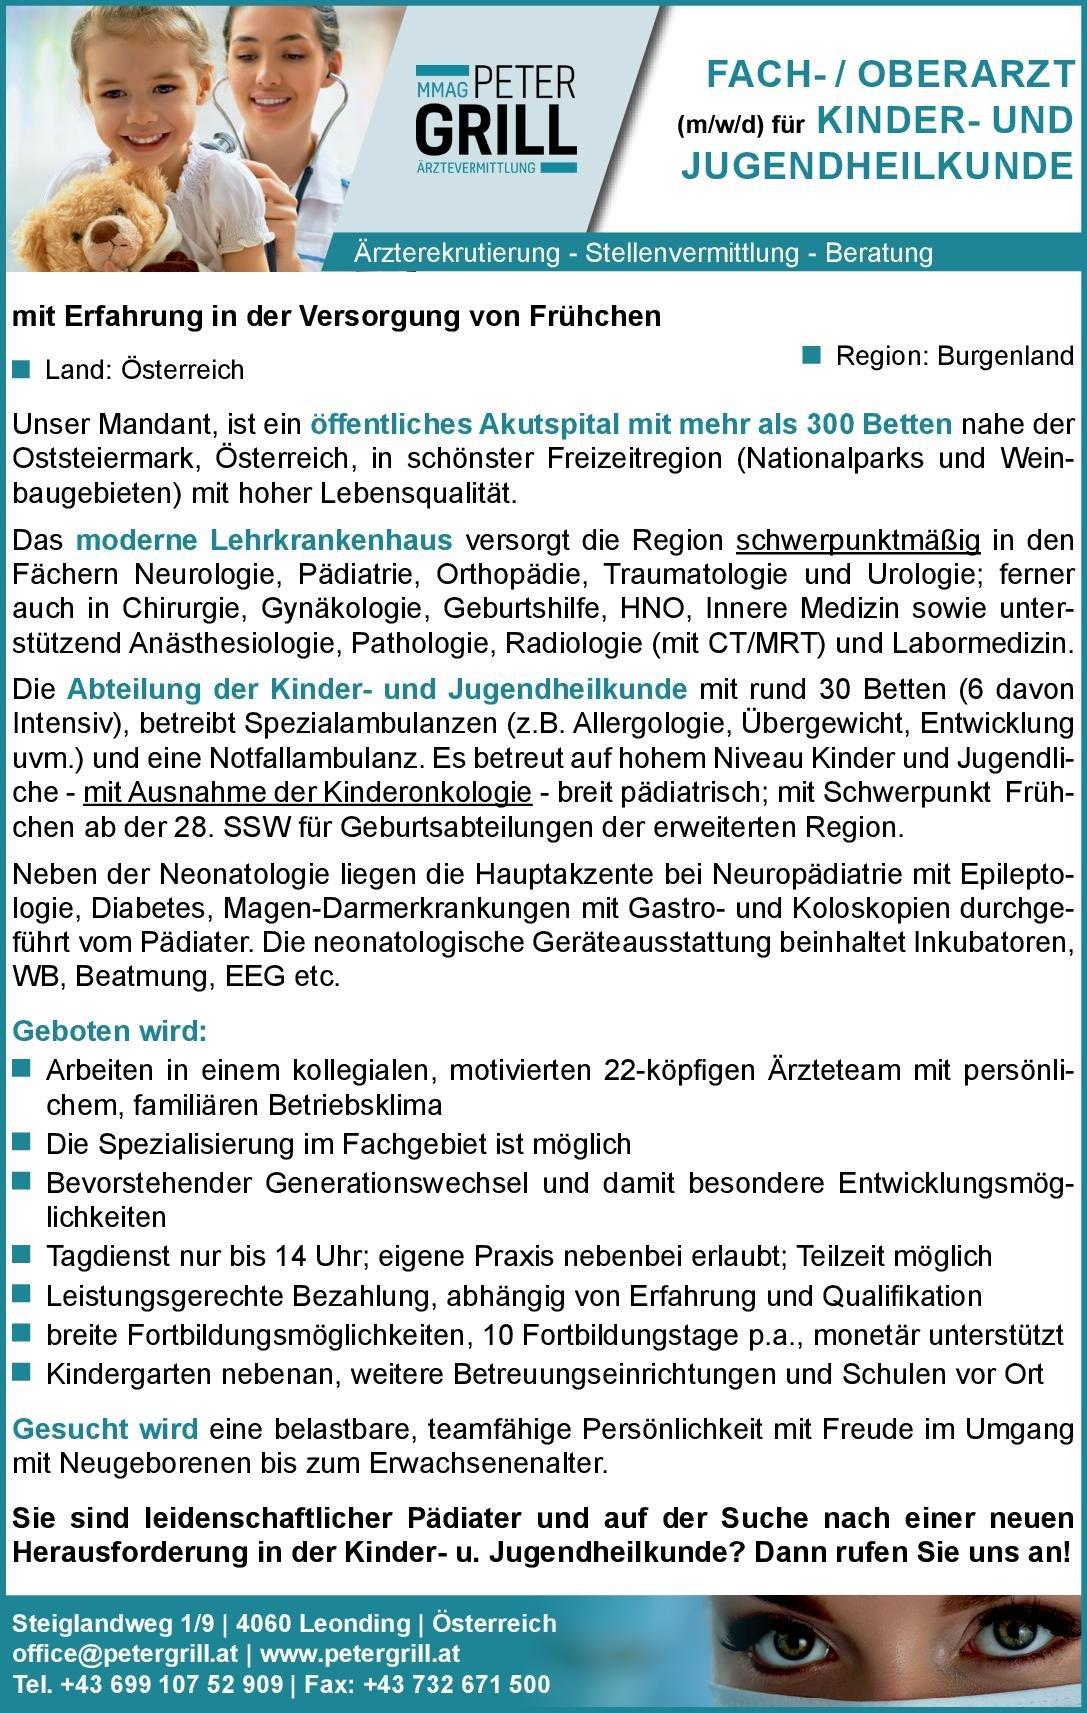 Peter Grill Ärztevermittlung Facharzt (m/w/d) Kinder- und Jugendmedizin  Kinder- und Jugendmedizin, Kinder- und Jugendmedizin Arzt / Facharzt